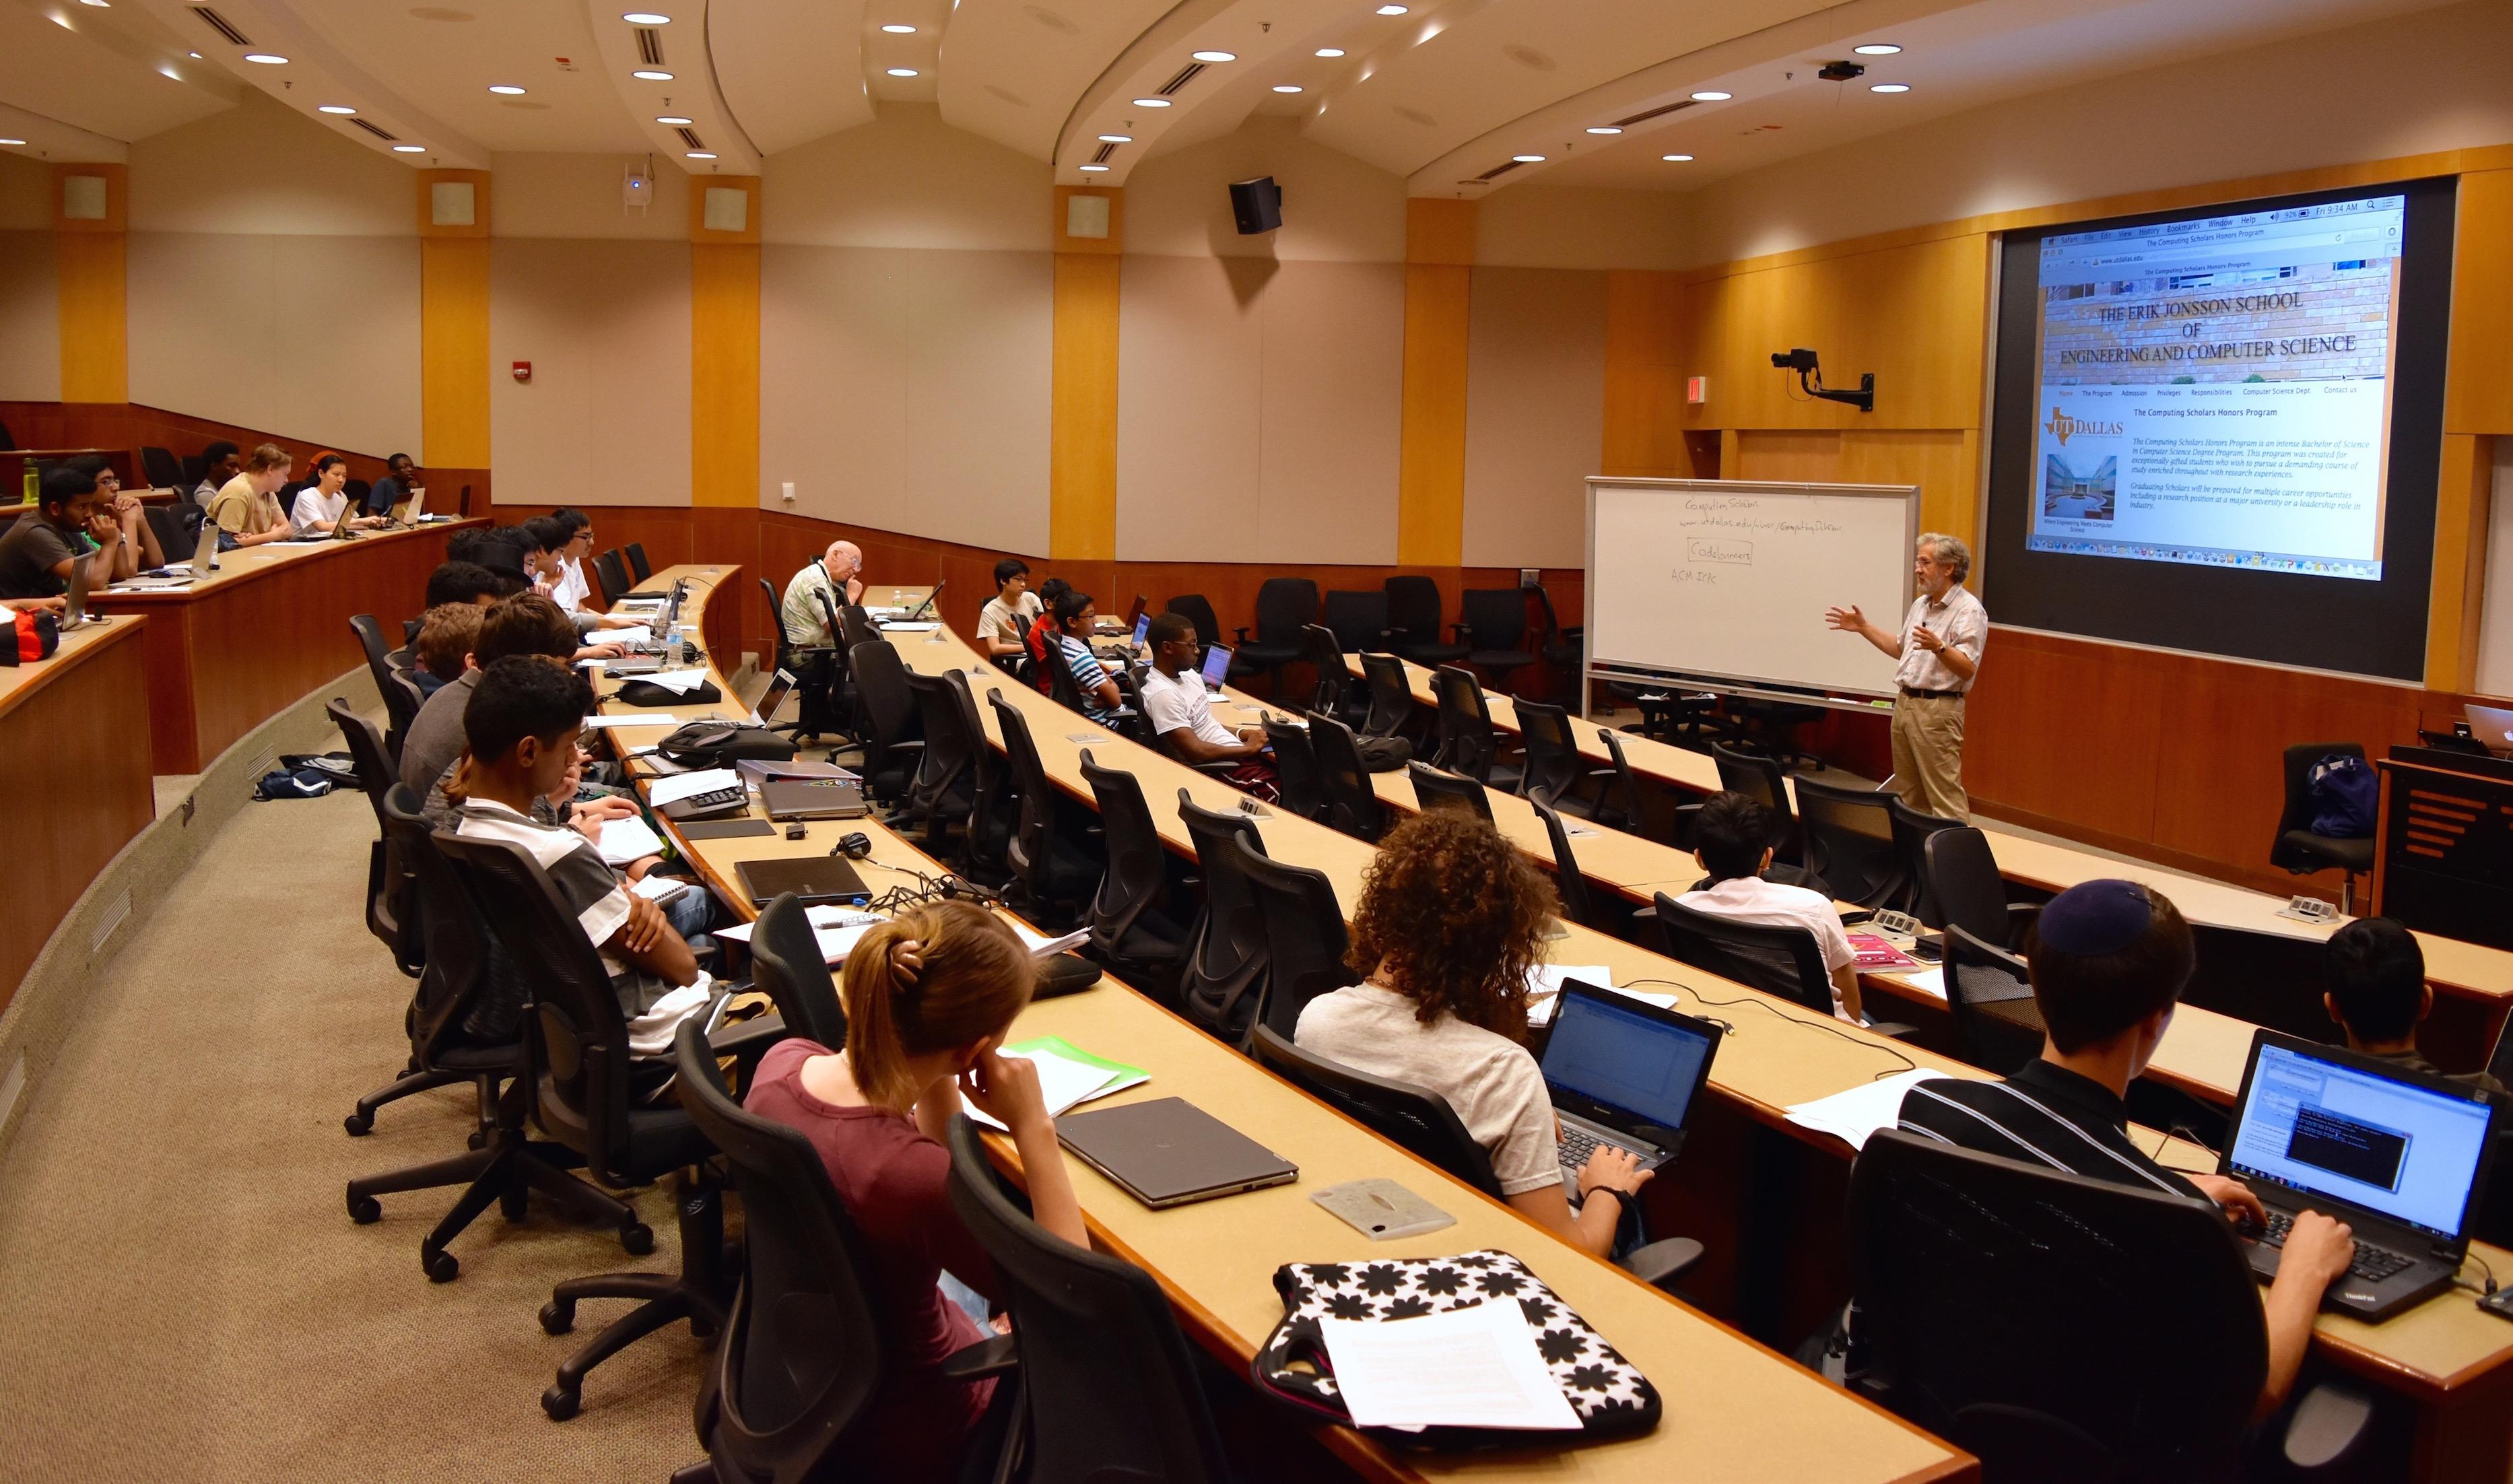 Ut dallas honors thesis